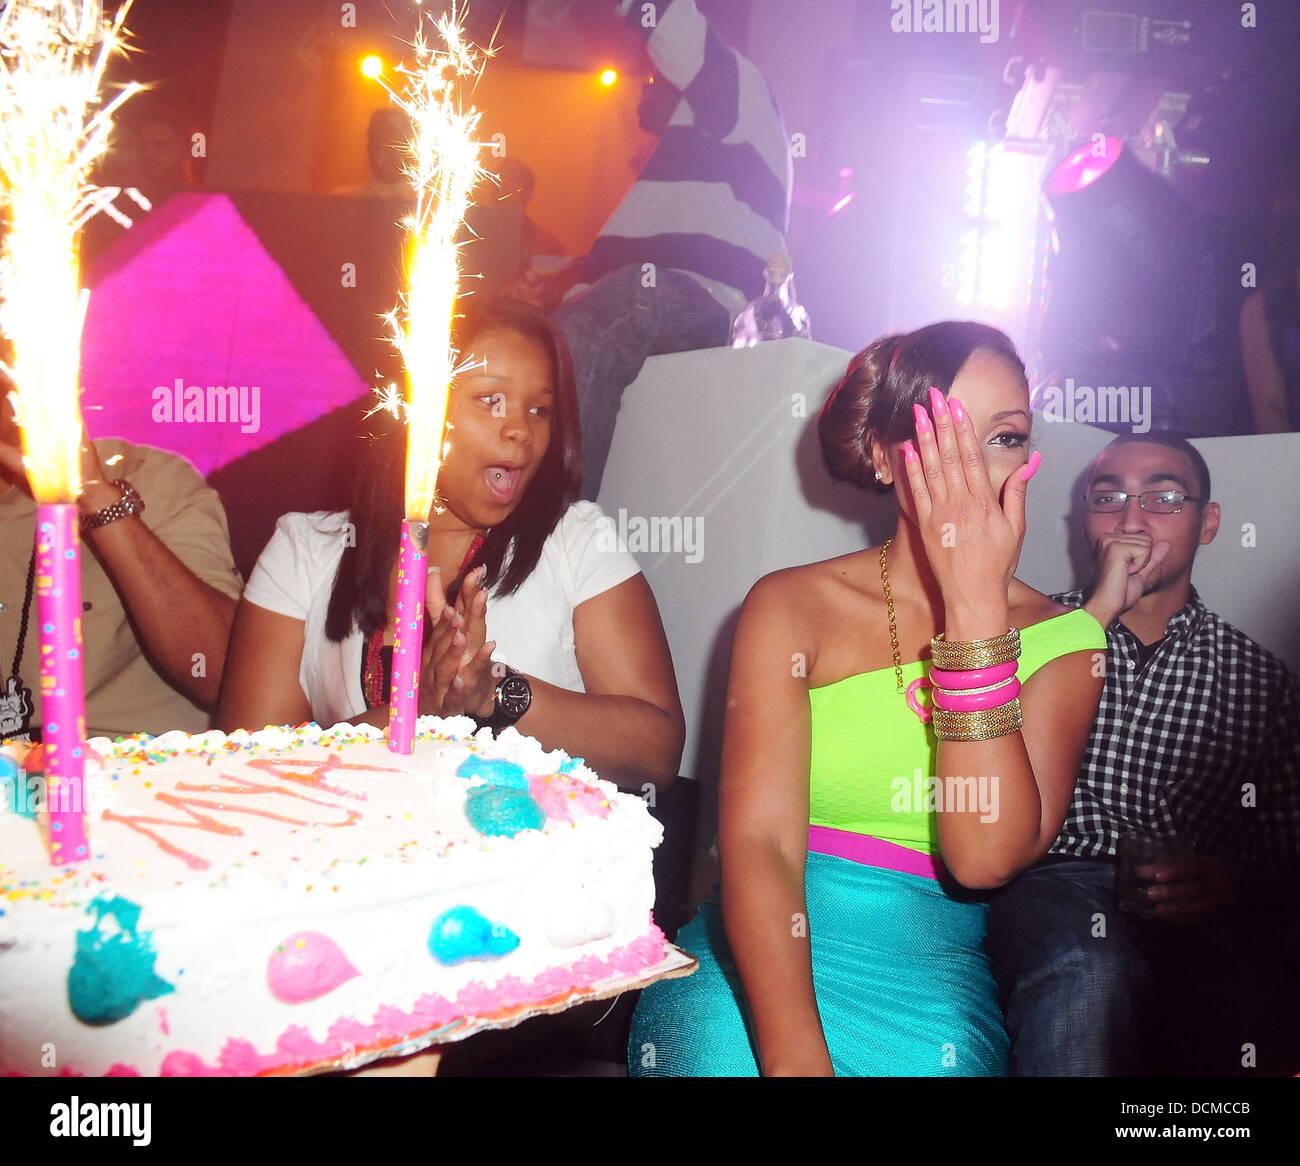 Strange Mya Myas Birthday Celebrations At Mansion Nightclub In Miami Funny Birthday Cards Online Alyptdamsfinfo